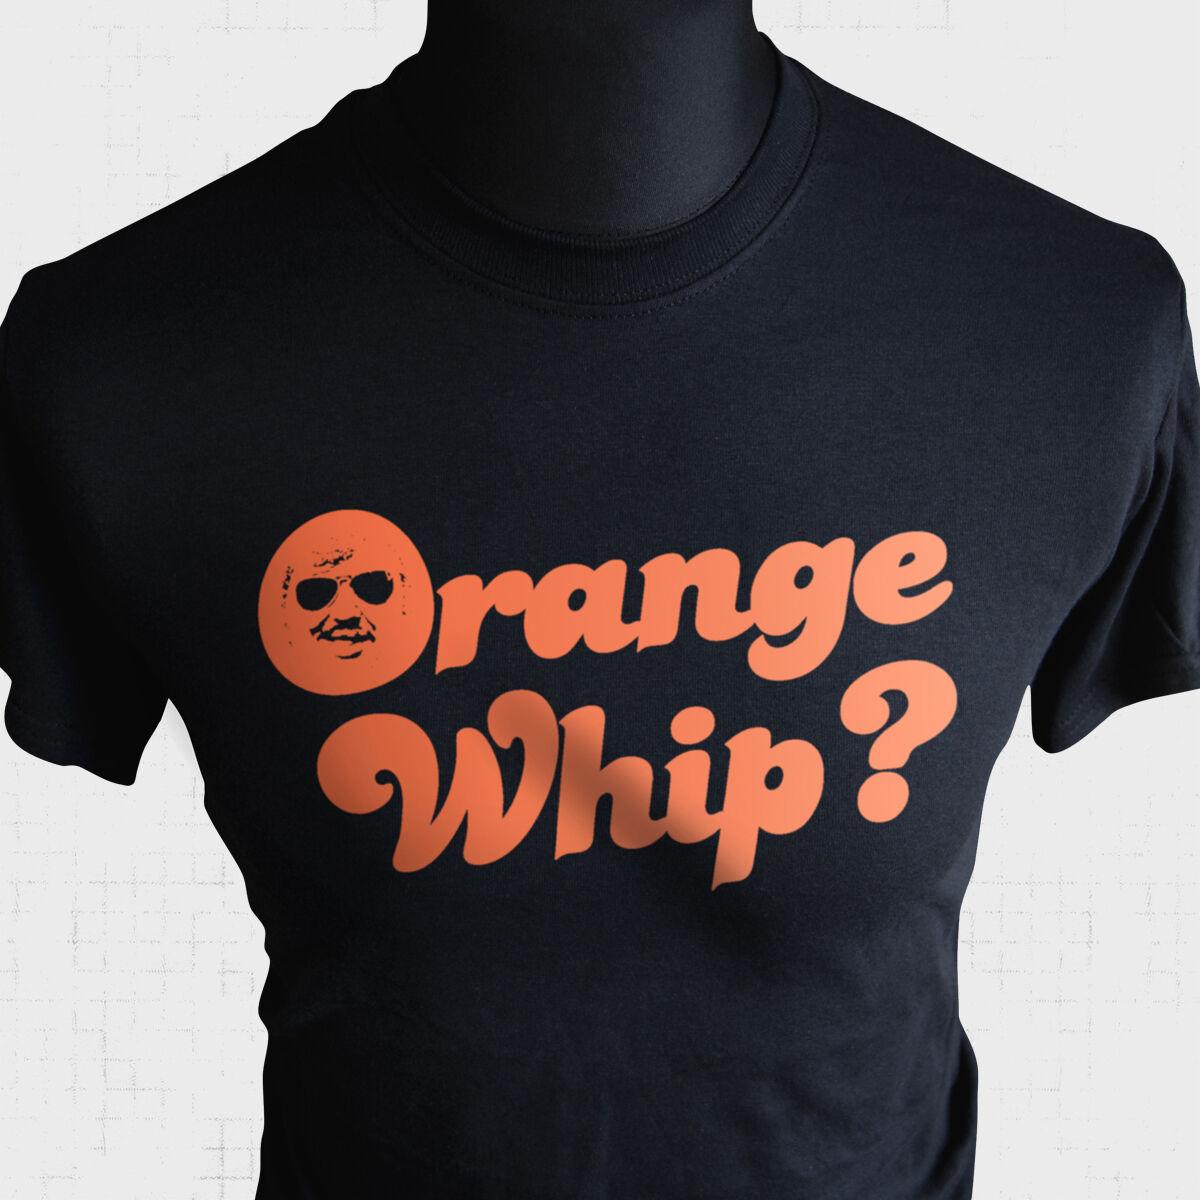 c257ce2e Orange Whip T Shirt The Blues Brothers John Candy Jake and Elwood ...